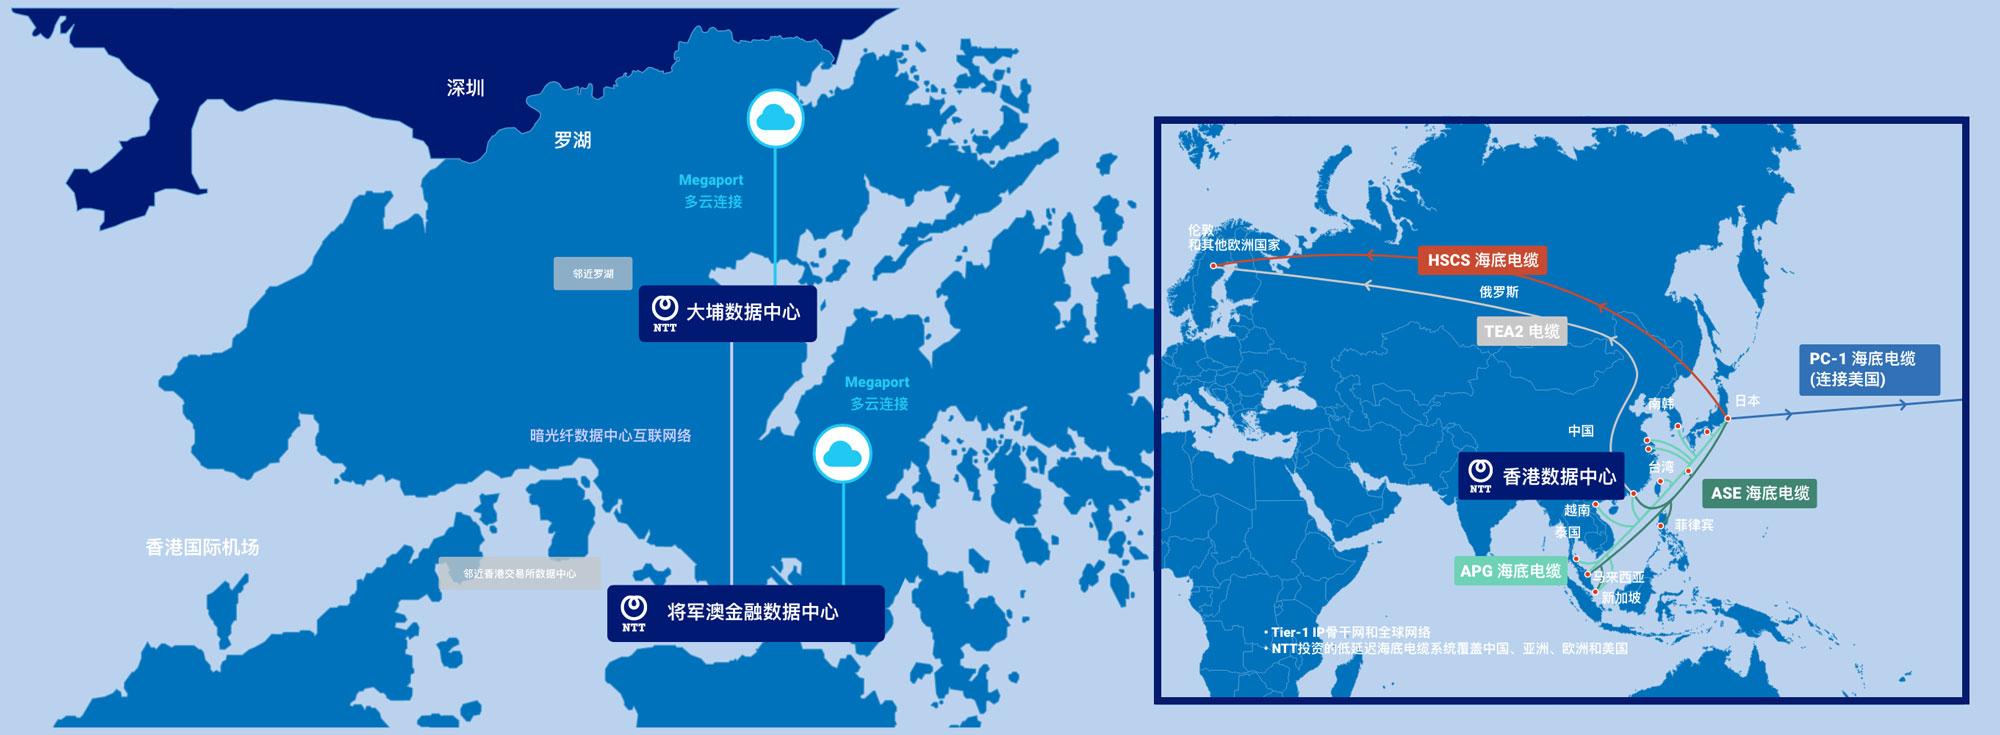 网络能力傲视同侪  中国-亚洲-全球互连互通